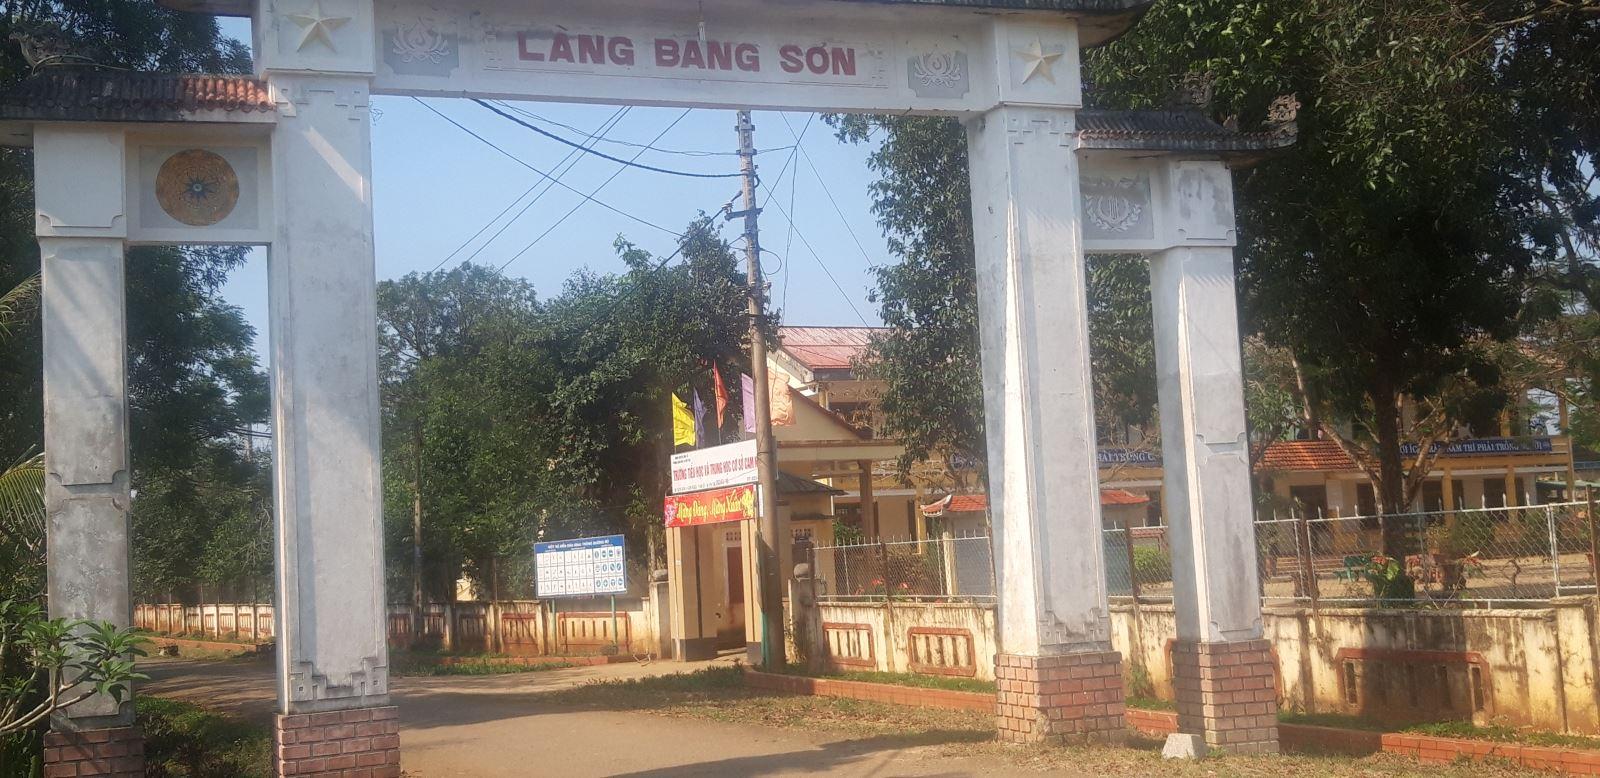 Cổng làng Bảng Sơn, xã Cam Nghĩa huyện Cam Lộ